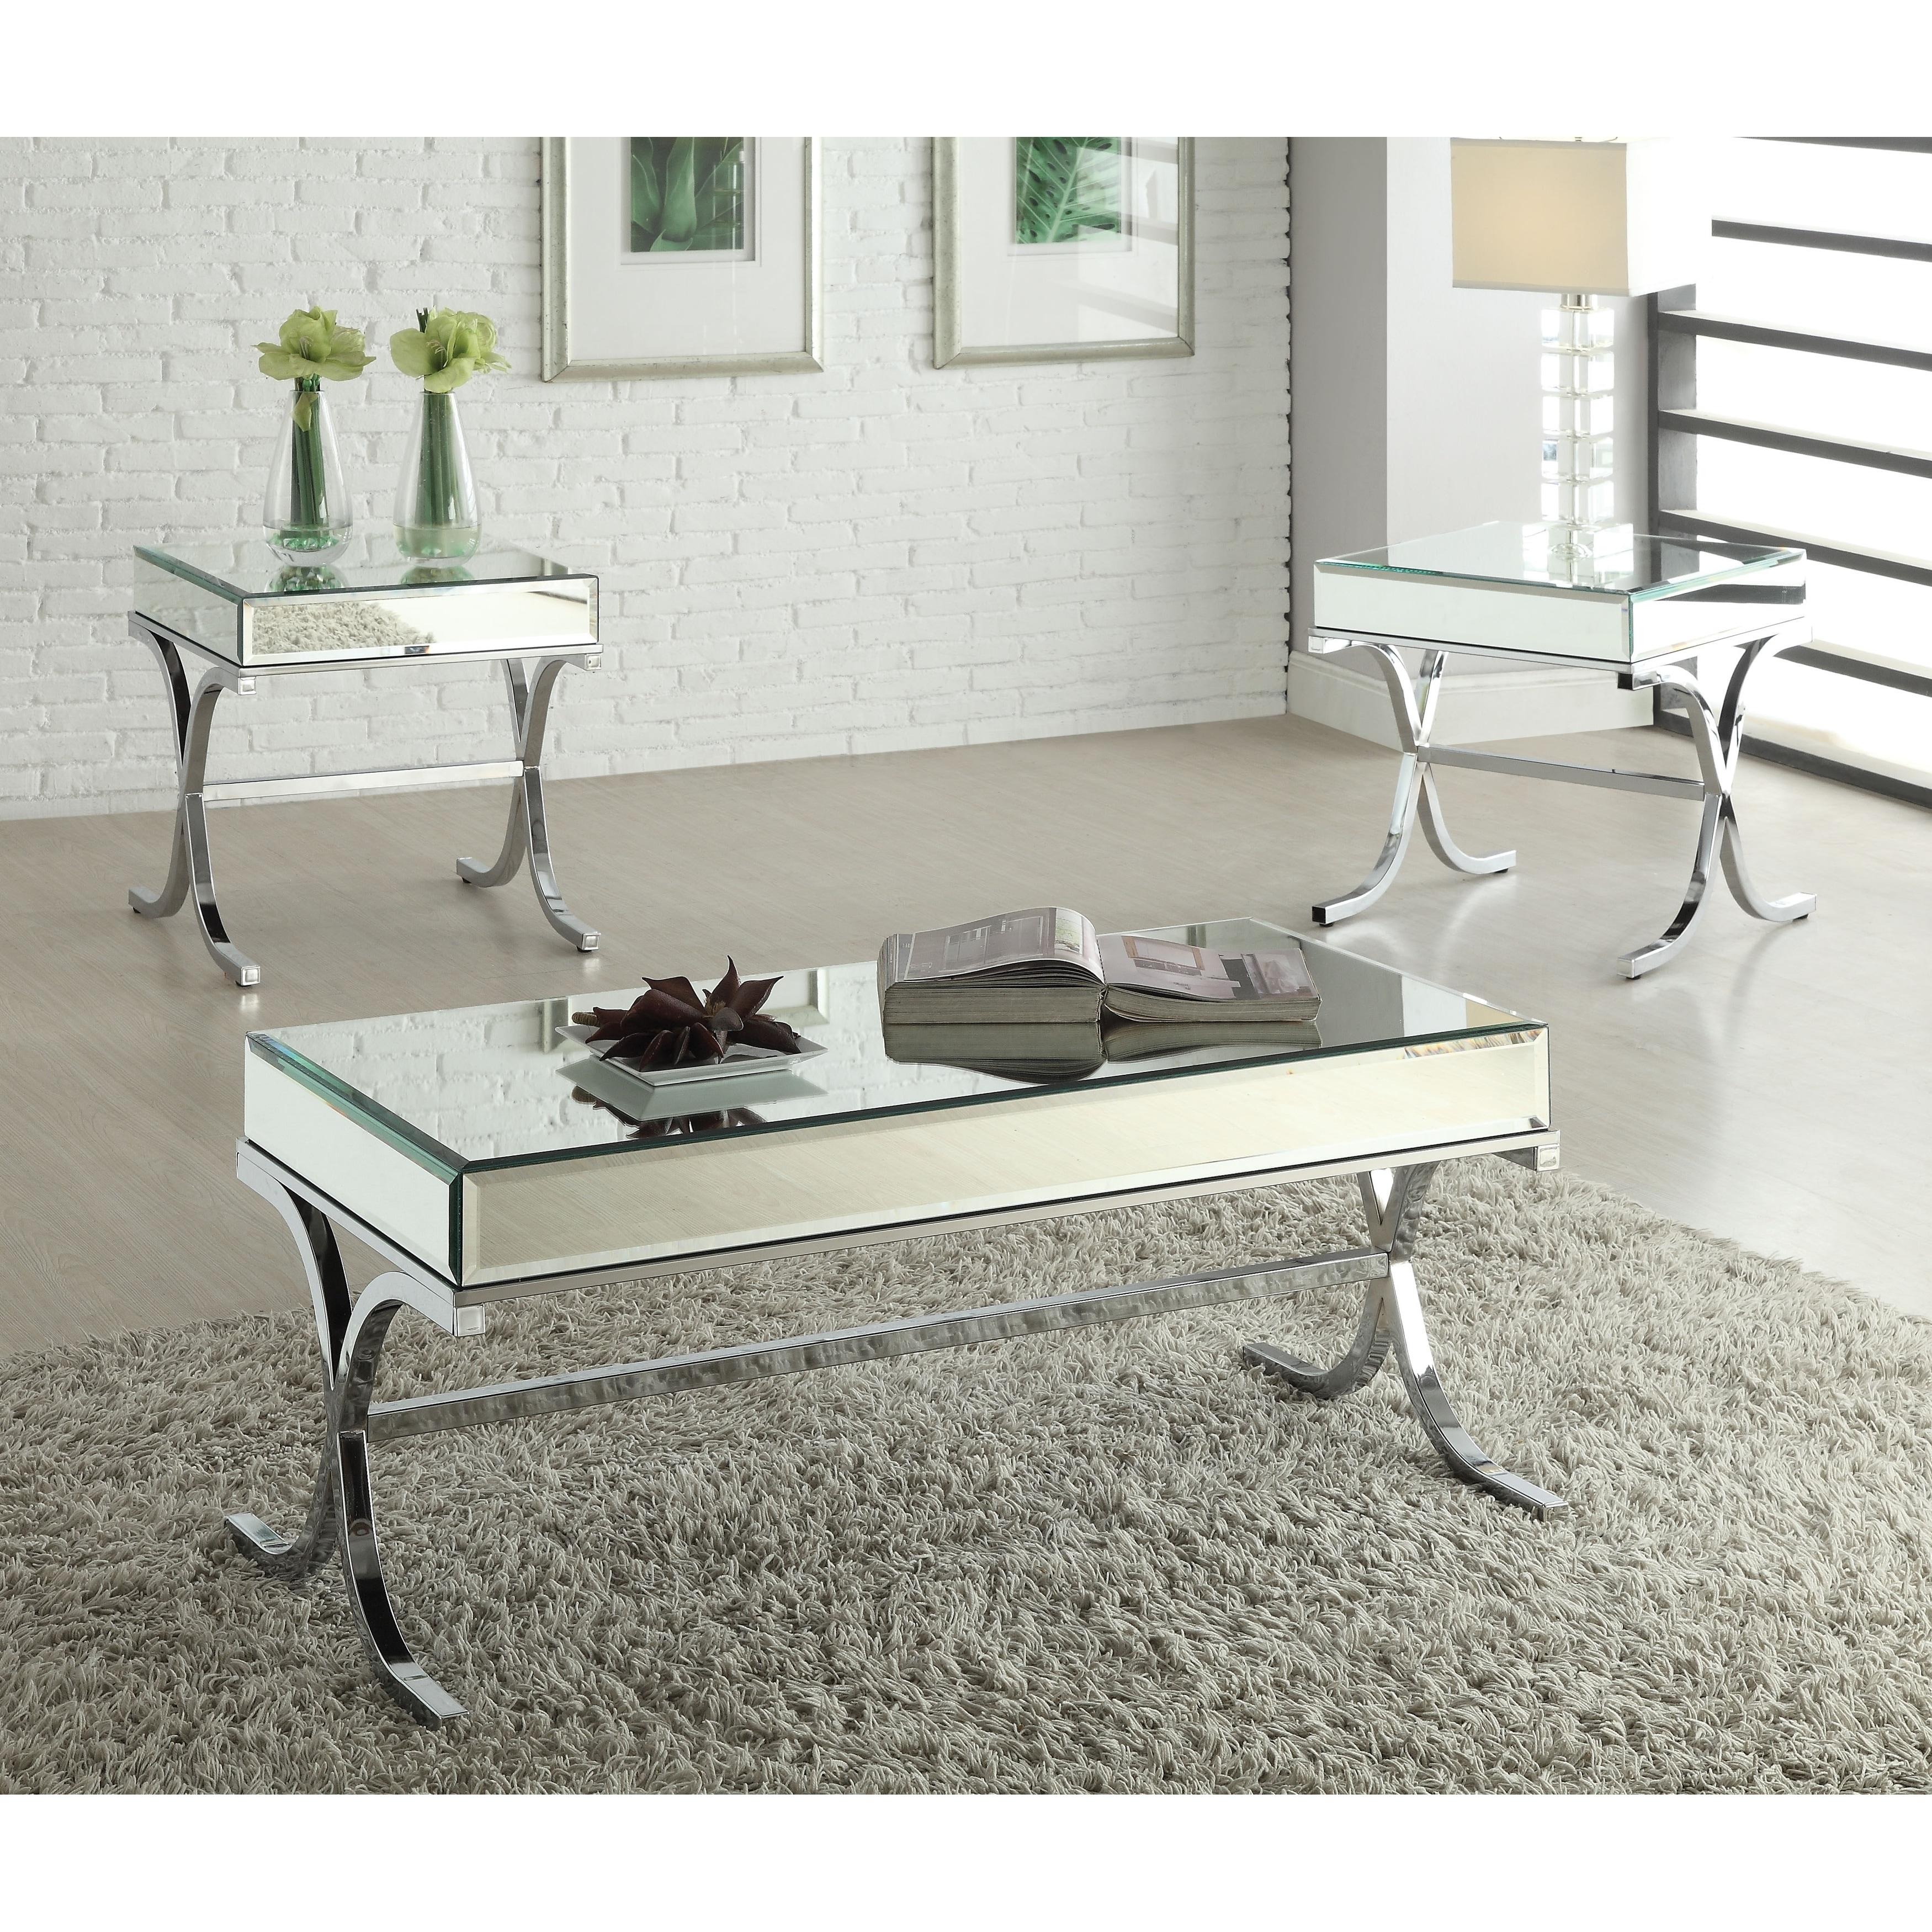 ACME Furniture 81195 Yuri Coffee Table Mirrored Top//Chrome